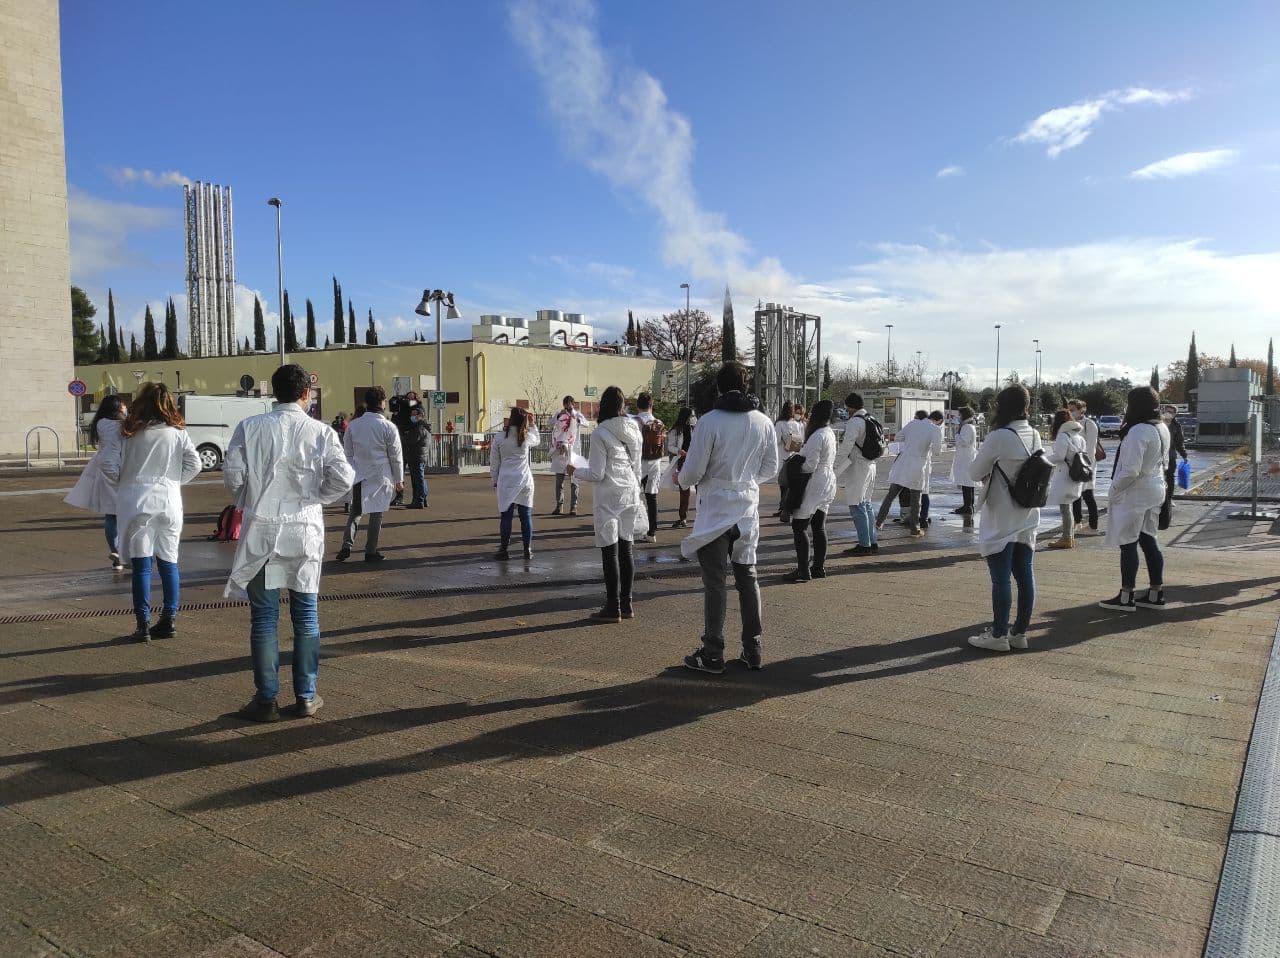 Piano vaccini anti covid scuola e università, esclusi dottorandi, la protesta